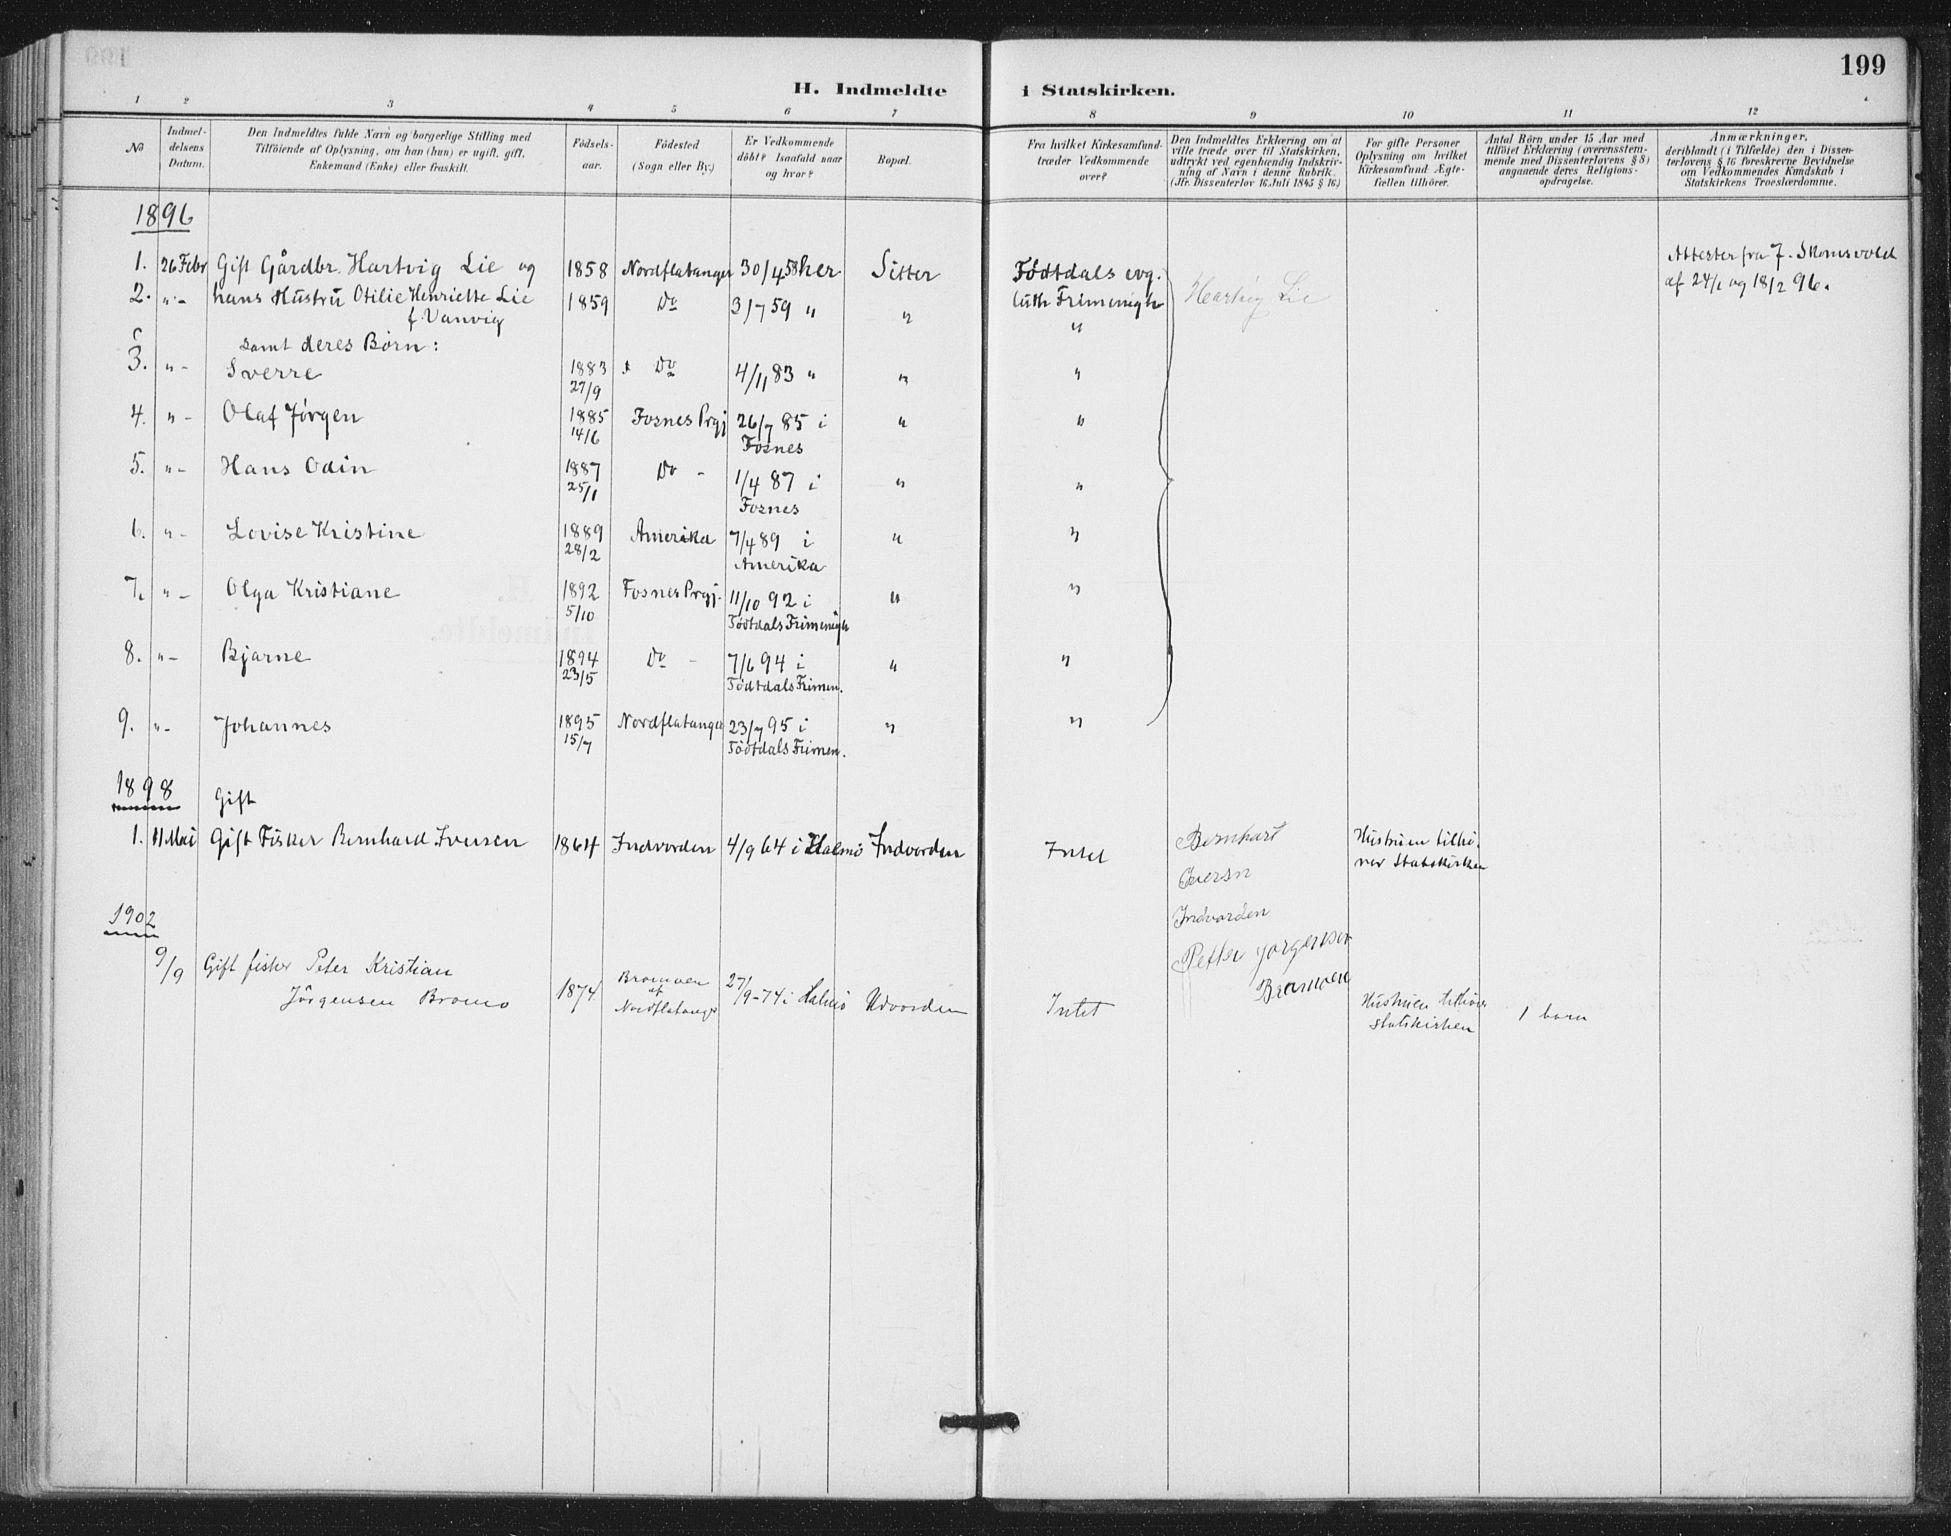 SAT, Ministerialprotokoller, klokkerbøker og fødselsregistre - Nord-Trøndelag, 772/L0603: Ministerialbok nr. 772A01, 1885-1912, s. 199